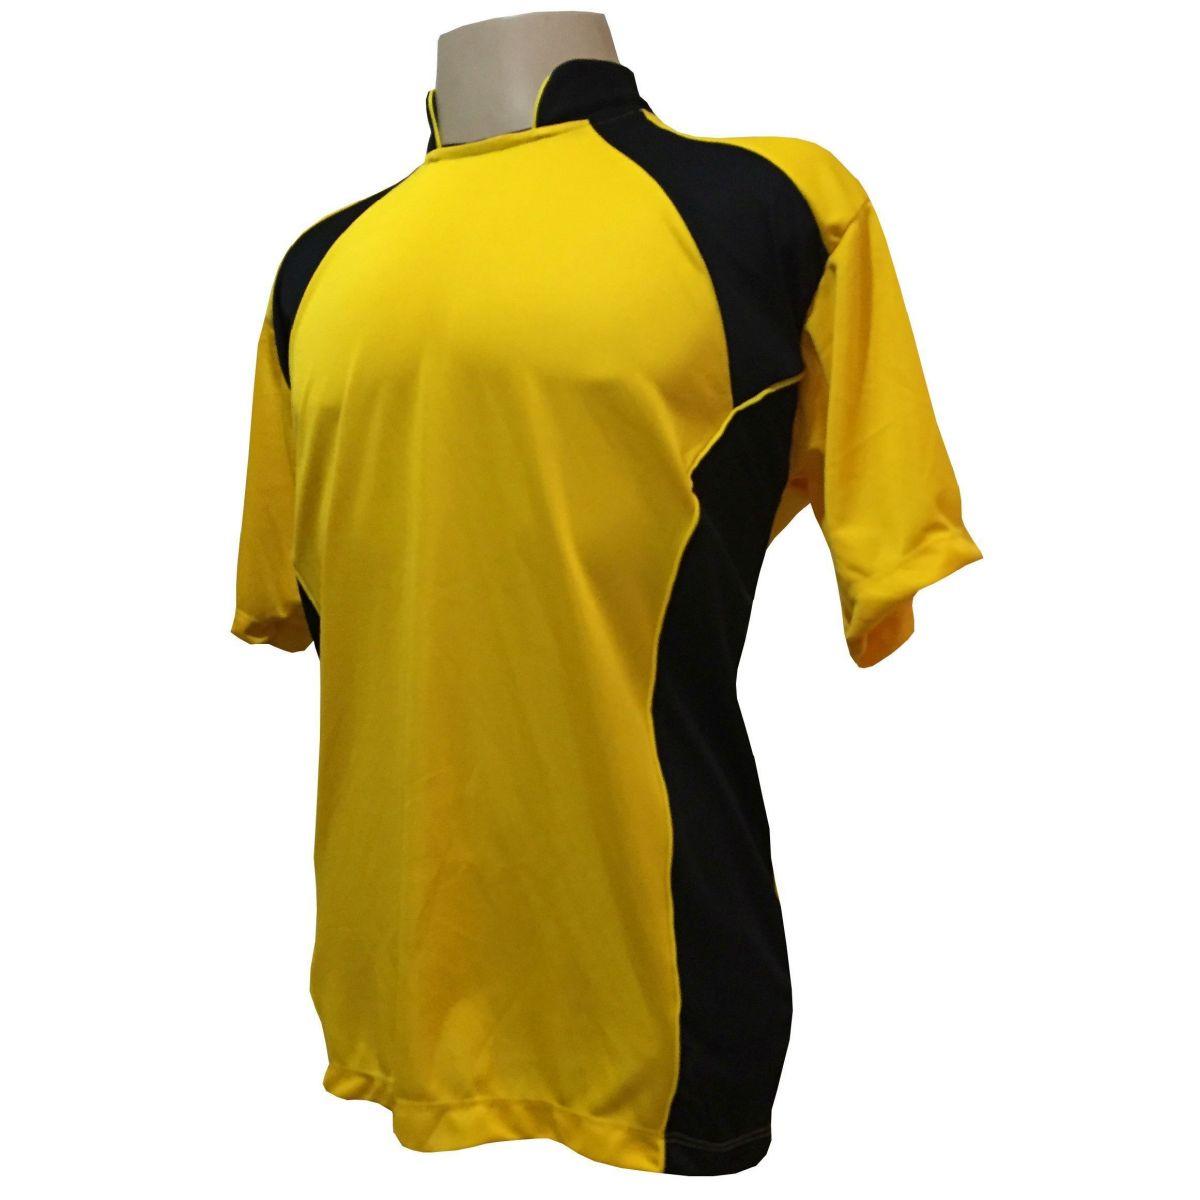 Uniforme Esportivo com 14 Camisas modelo Suécia Amarelo/Preto + 14 Calções modelo Madrid Preto